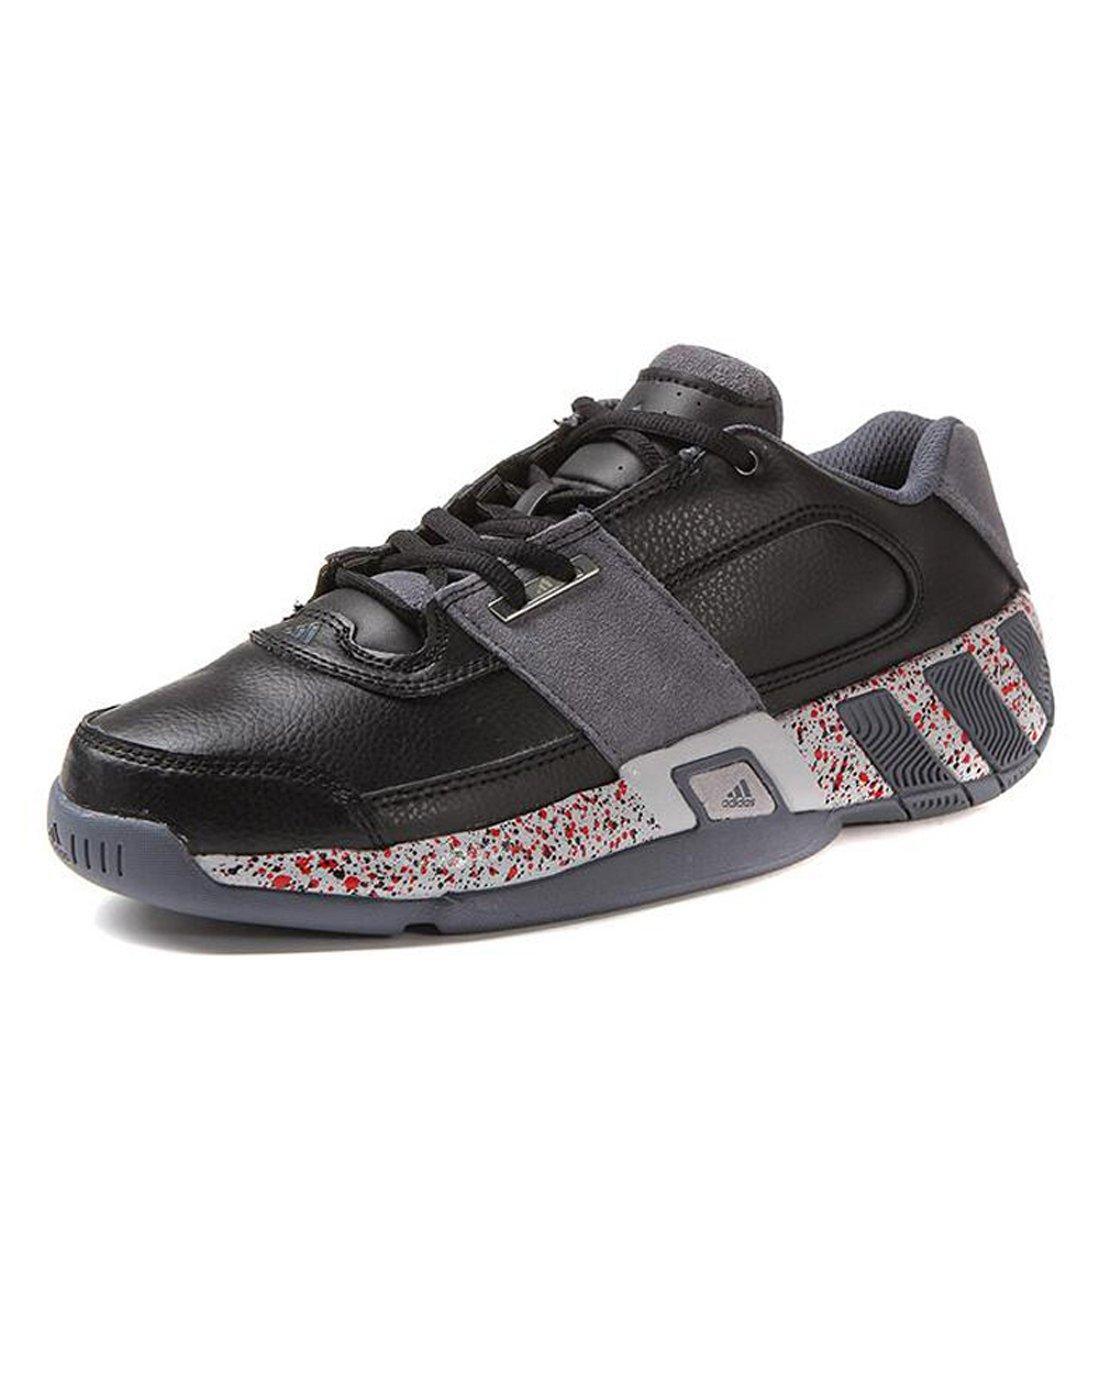 阿迪达斯篮球鞋大全_ADIDAS炫运动专场adidas 阿迪达斯 Regulate 男子 篮球鞋BY4570_唯品会